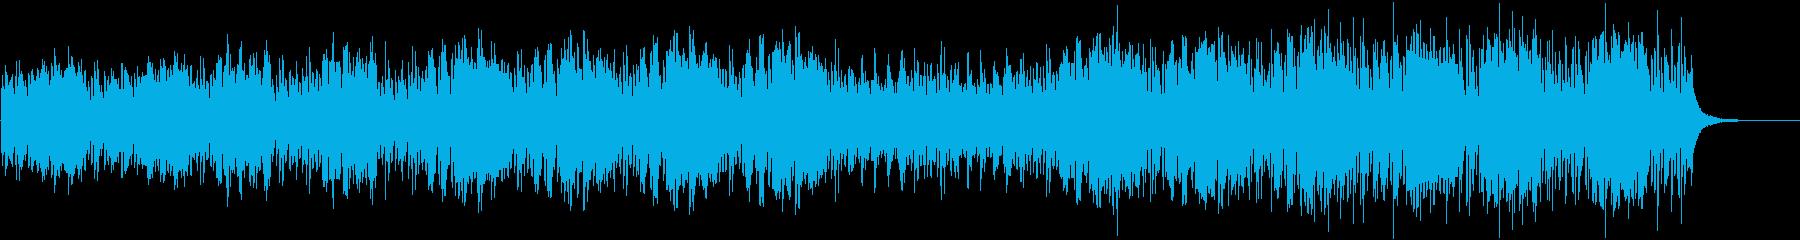 かわいくて少しコミカルなオーケストラの再生済みの波形